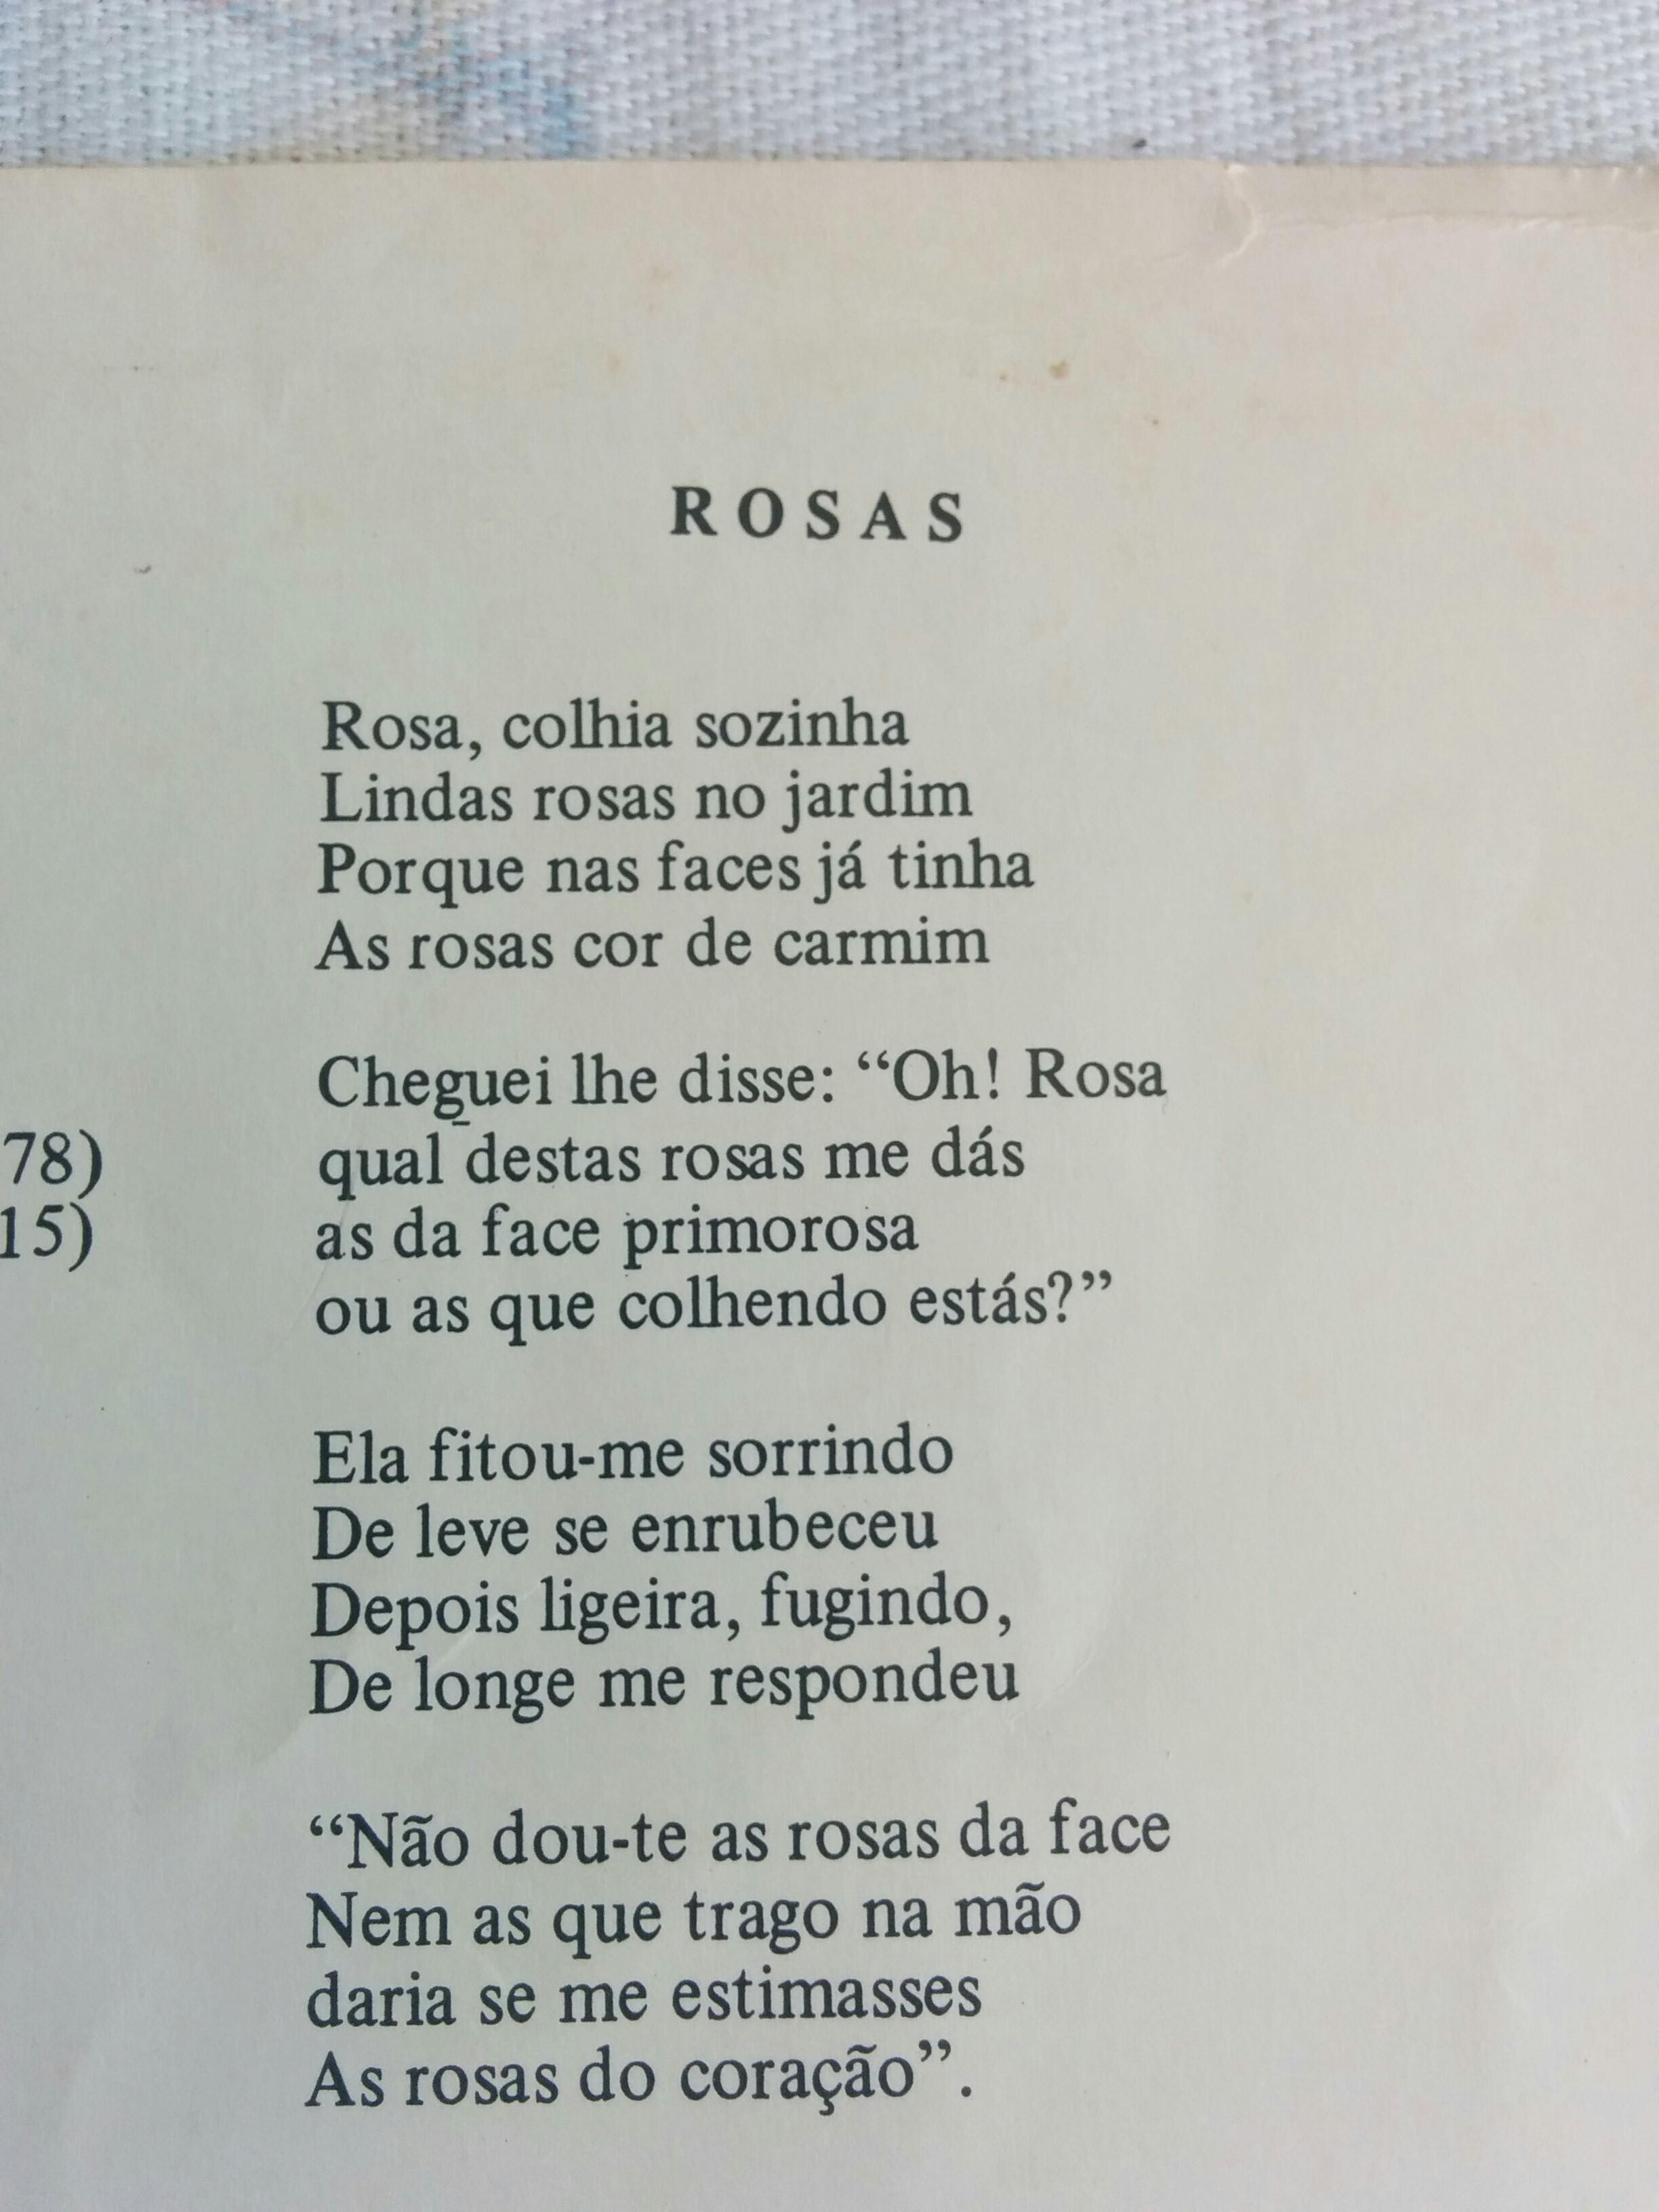 Rosas,